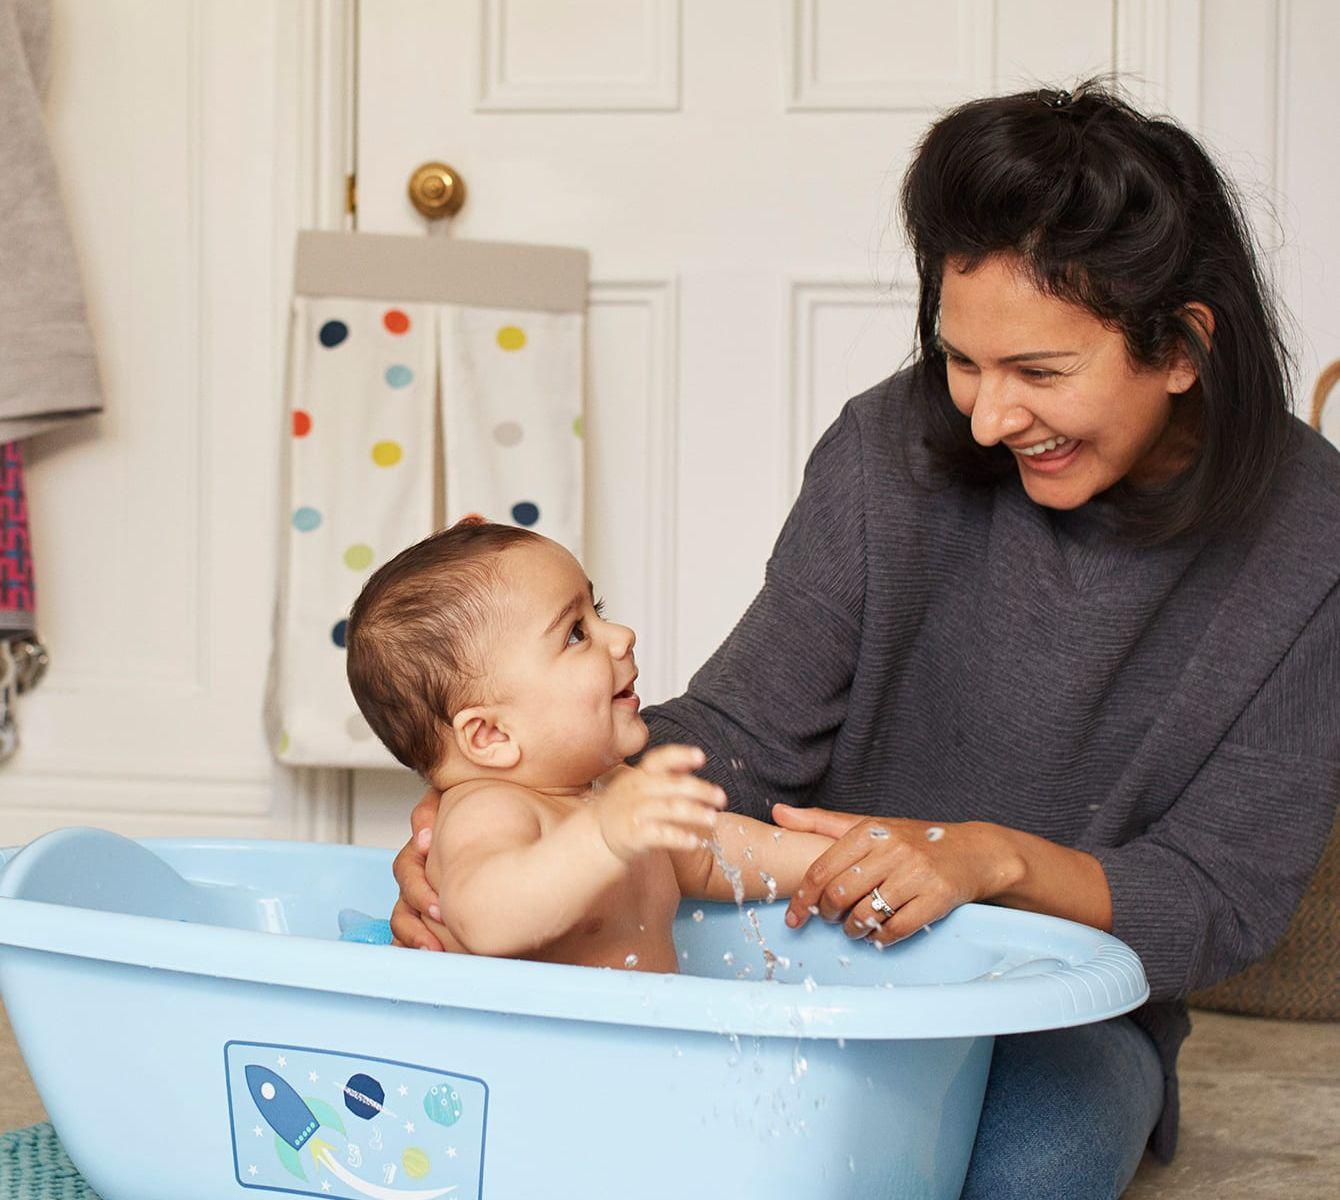 4 Bước tắm lá sài đất cho bé đúng cách dành cho mẹ